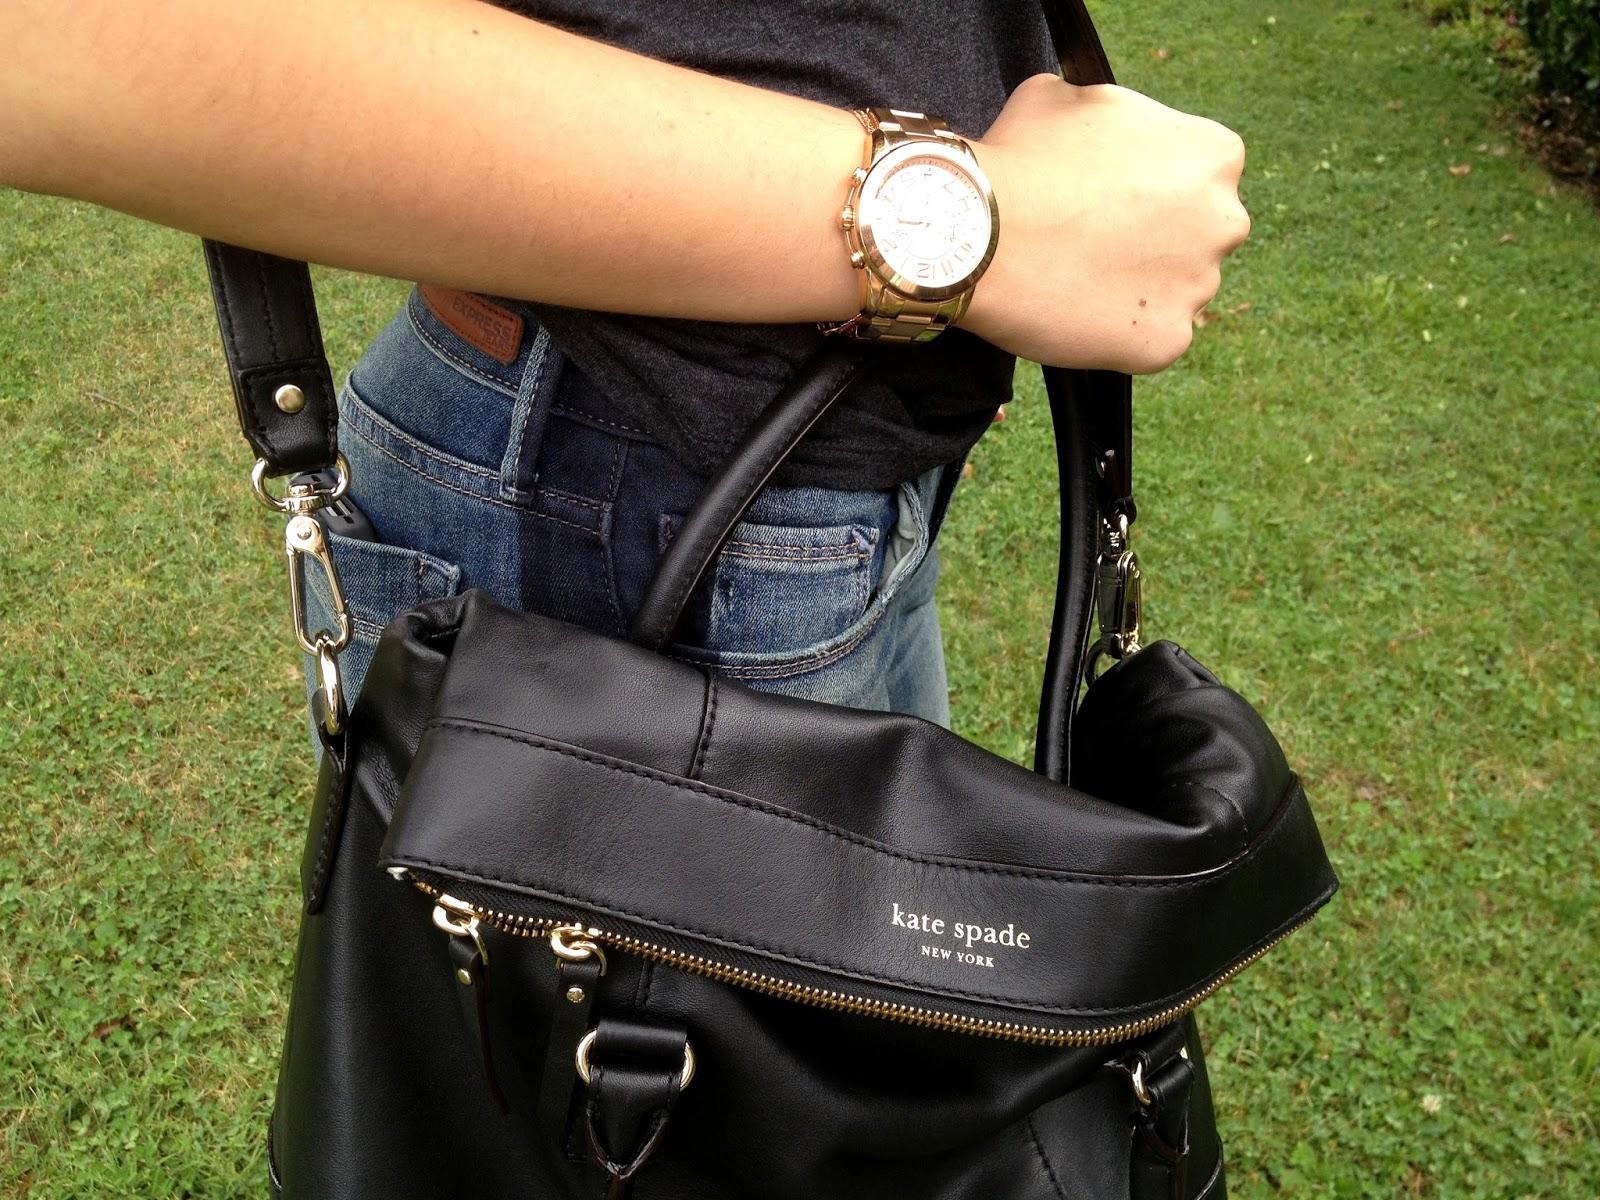 Oksana S Outfit T By Alexander Via Nordstrom Rack Express Jeans Kate Spade Handbag Sam Edelman Loafers